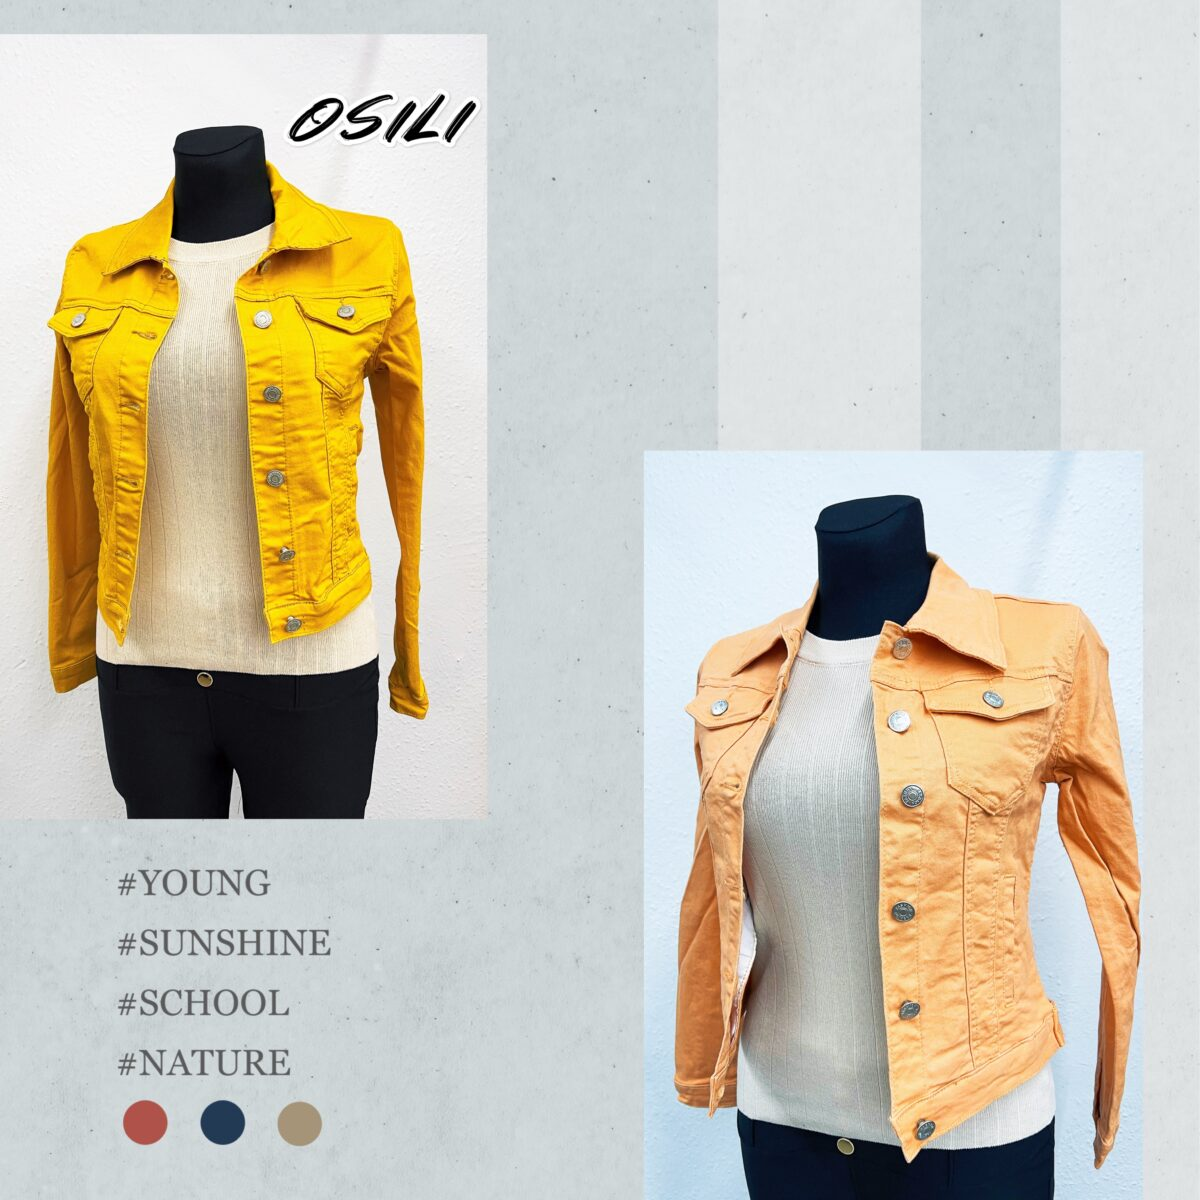 3667F19A 67B3 4ED9 BF38 8BC27E21252B scaled Osili - Fashion - Divat